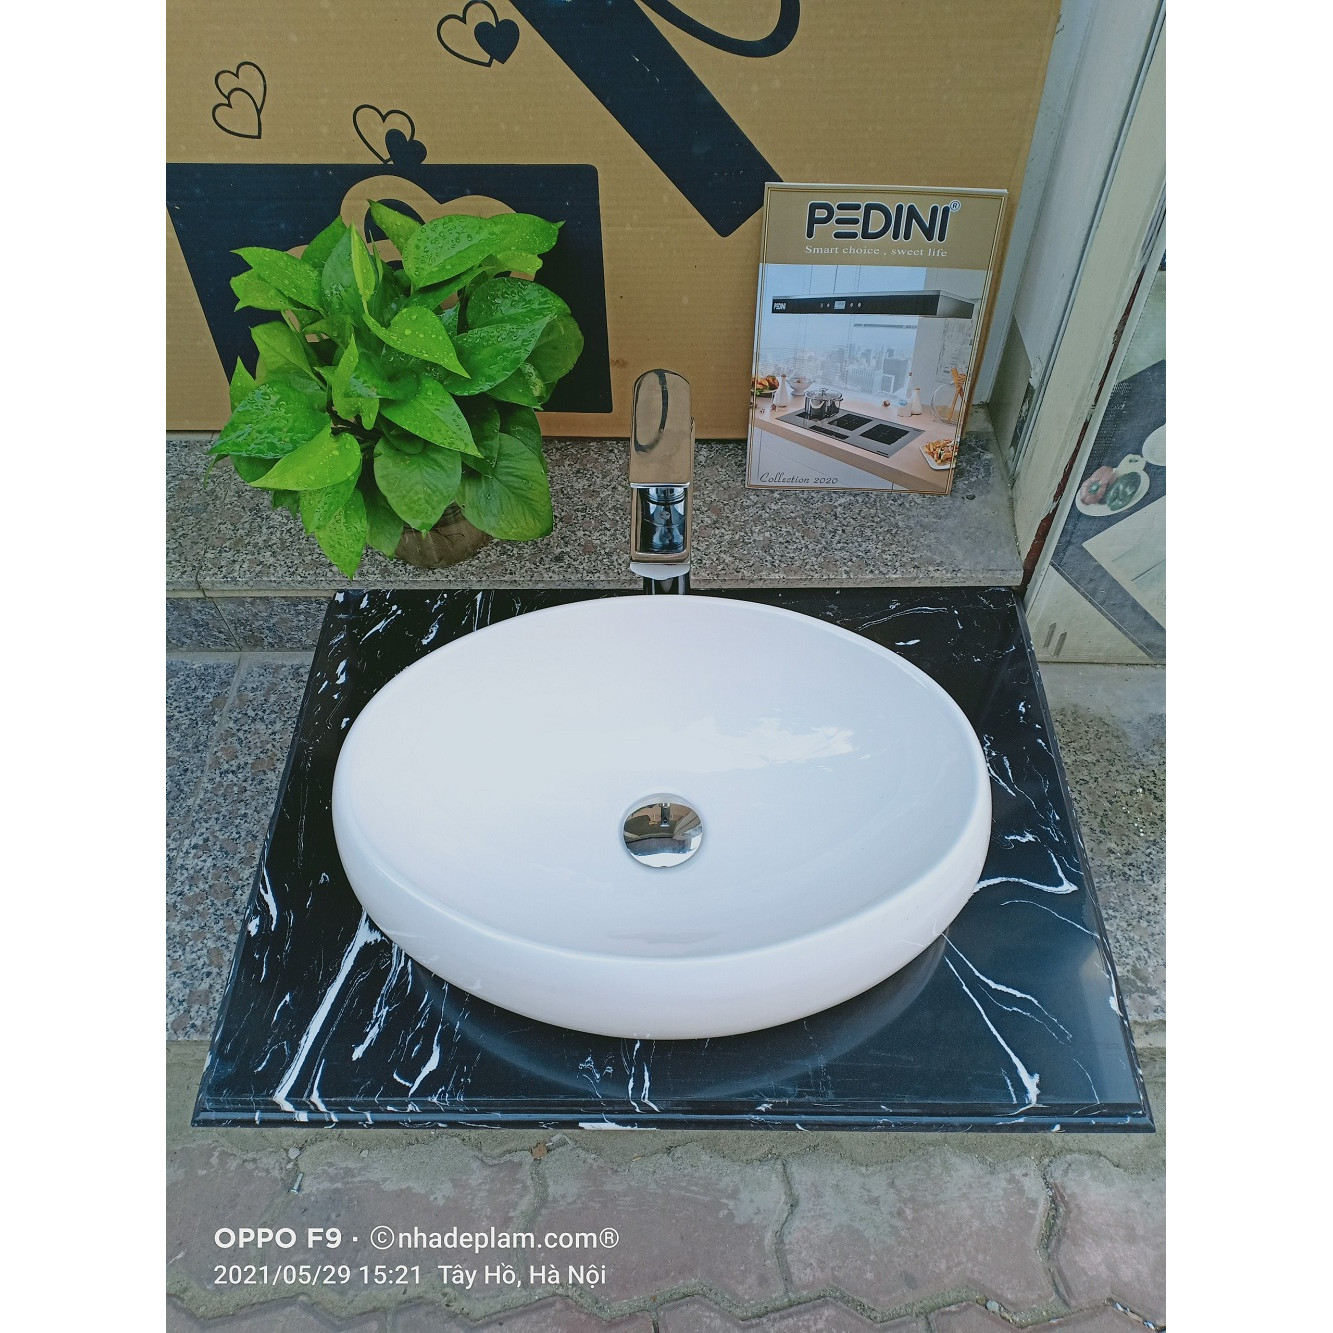 COMBO 01:  bàn đá lavabo + chậu lavabo thuyền trắng + vòi đồng 30 phân + xi phông + giá đỡ